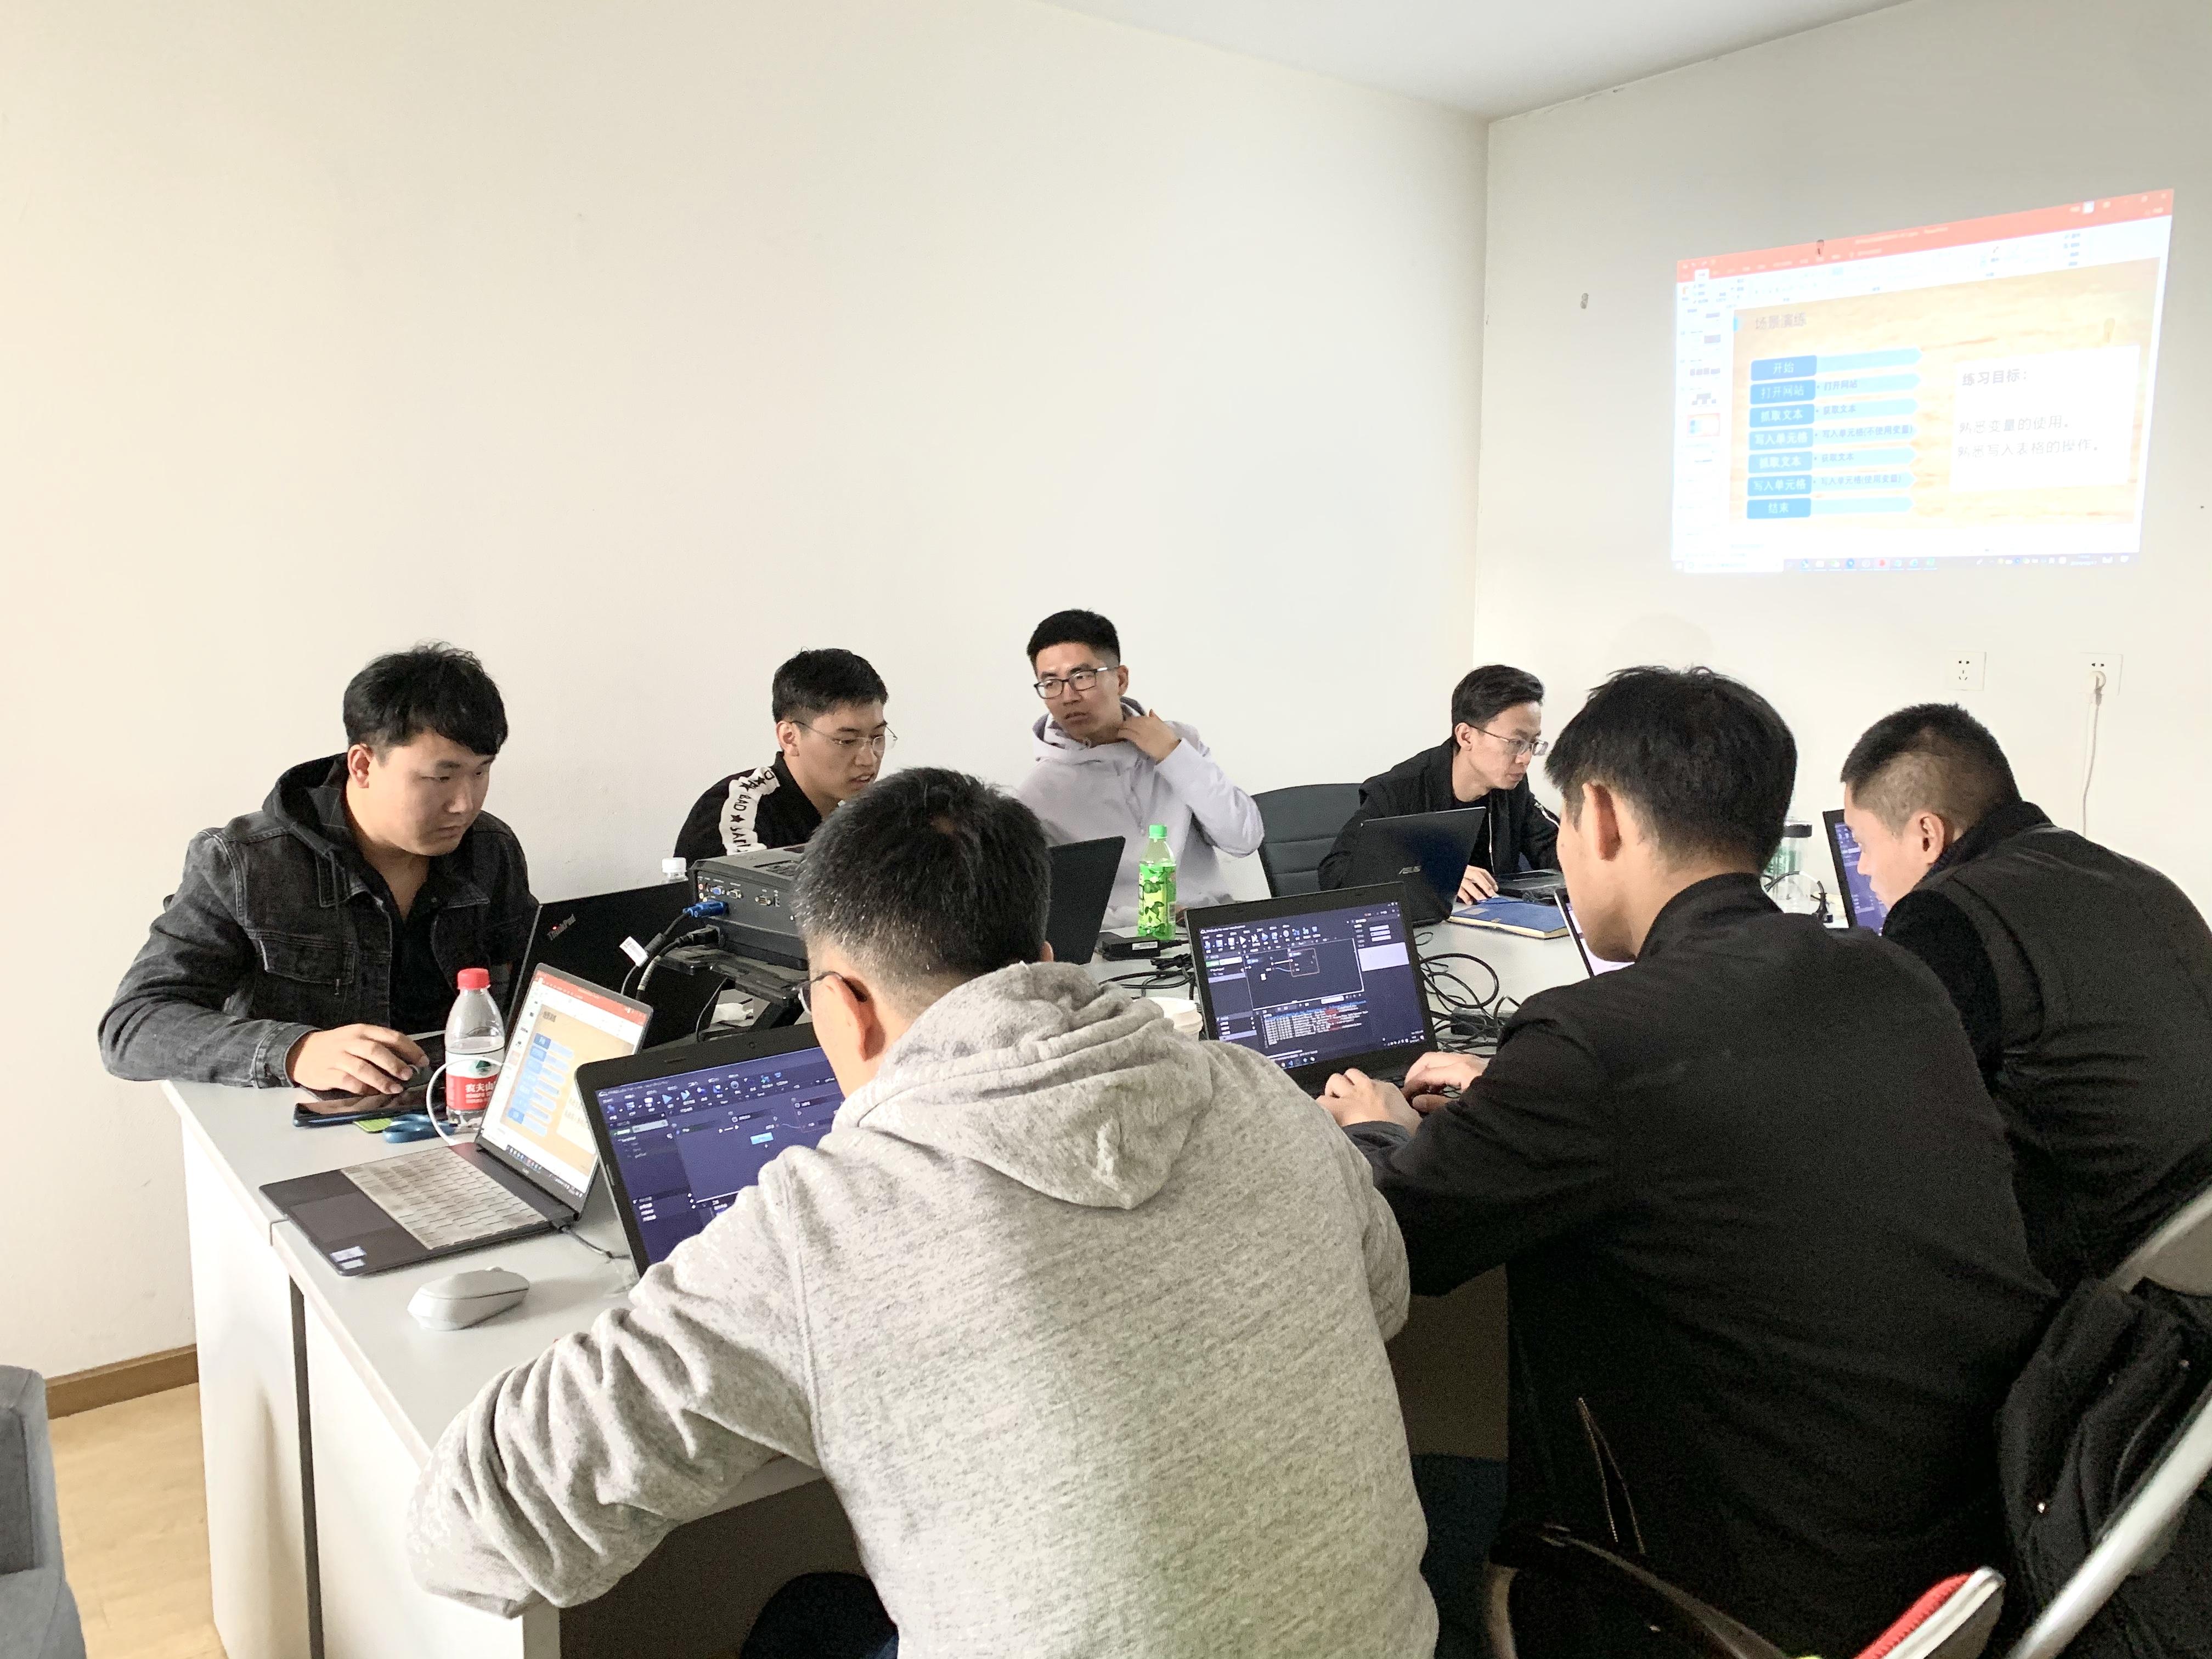 iS-RPA 技术认证培训 北京 201901017 班 课程名称:技术认证培训